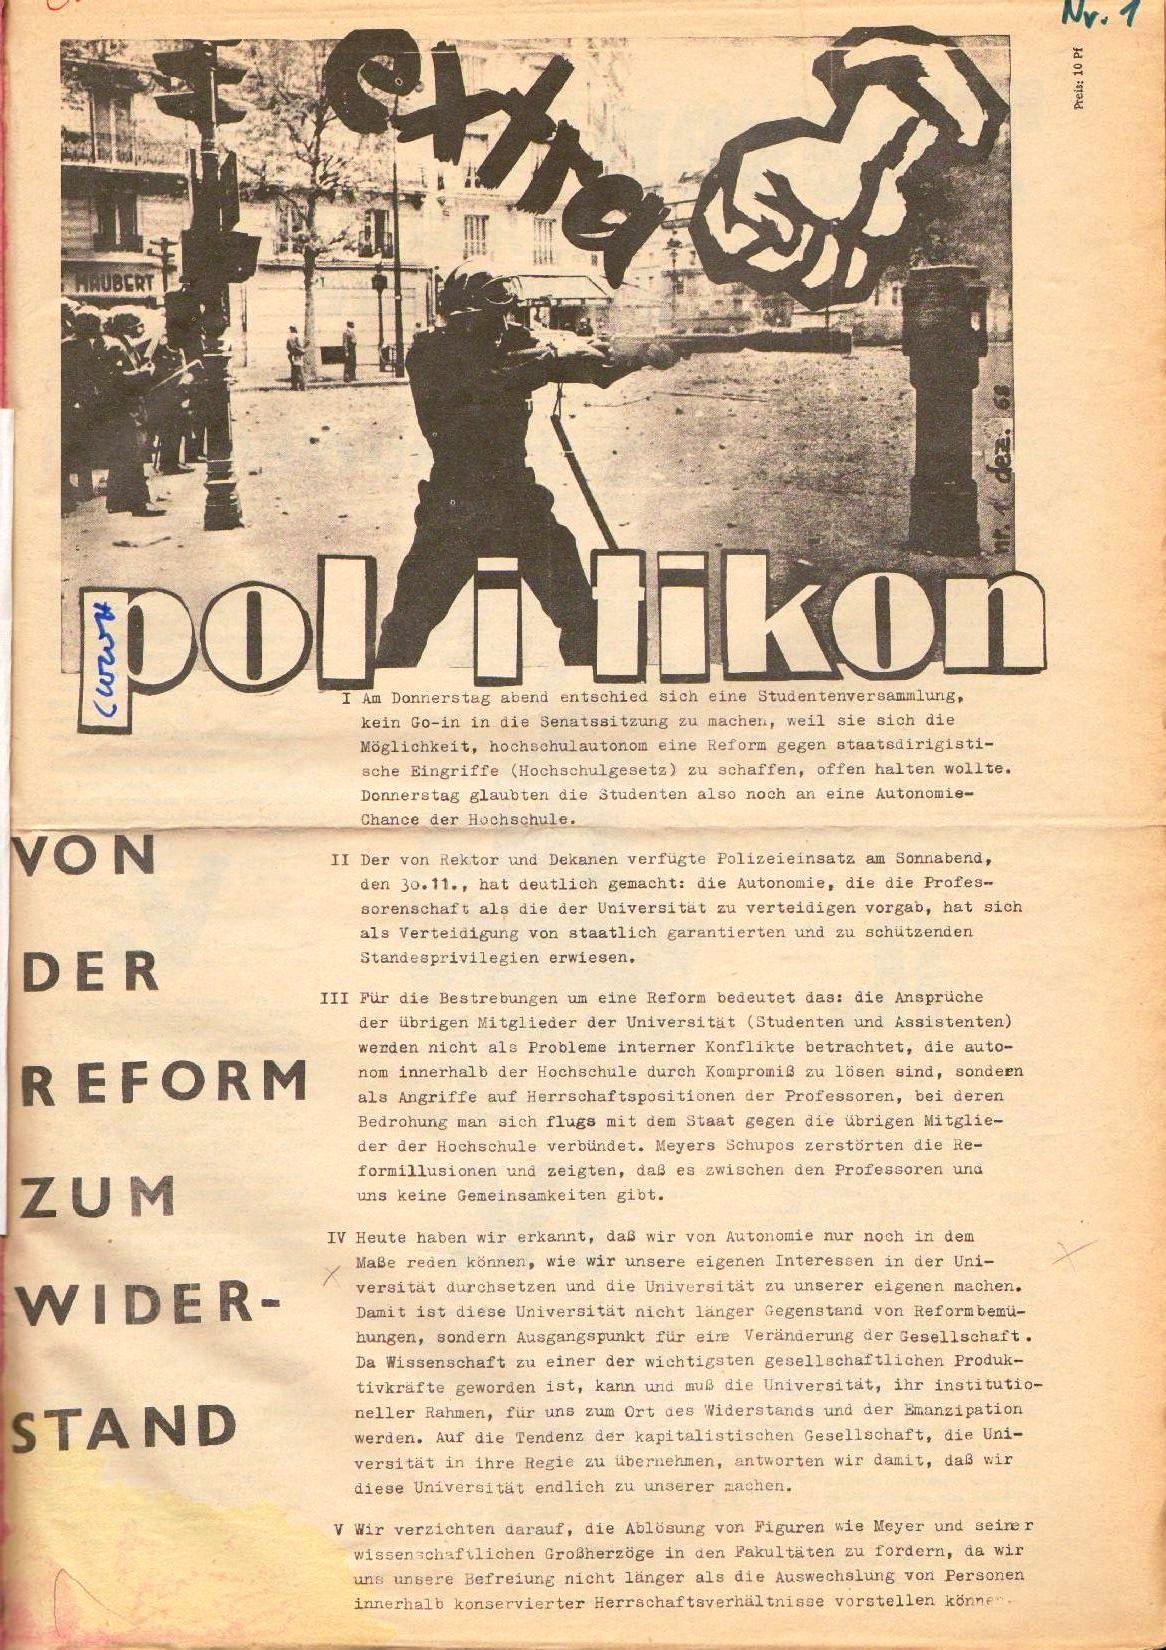 Goettingen_Politikon001